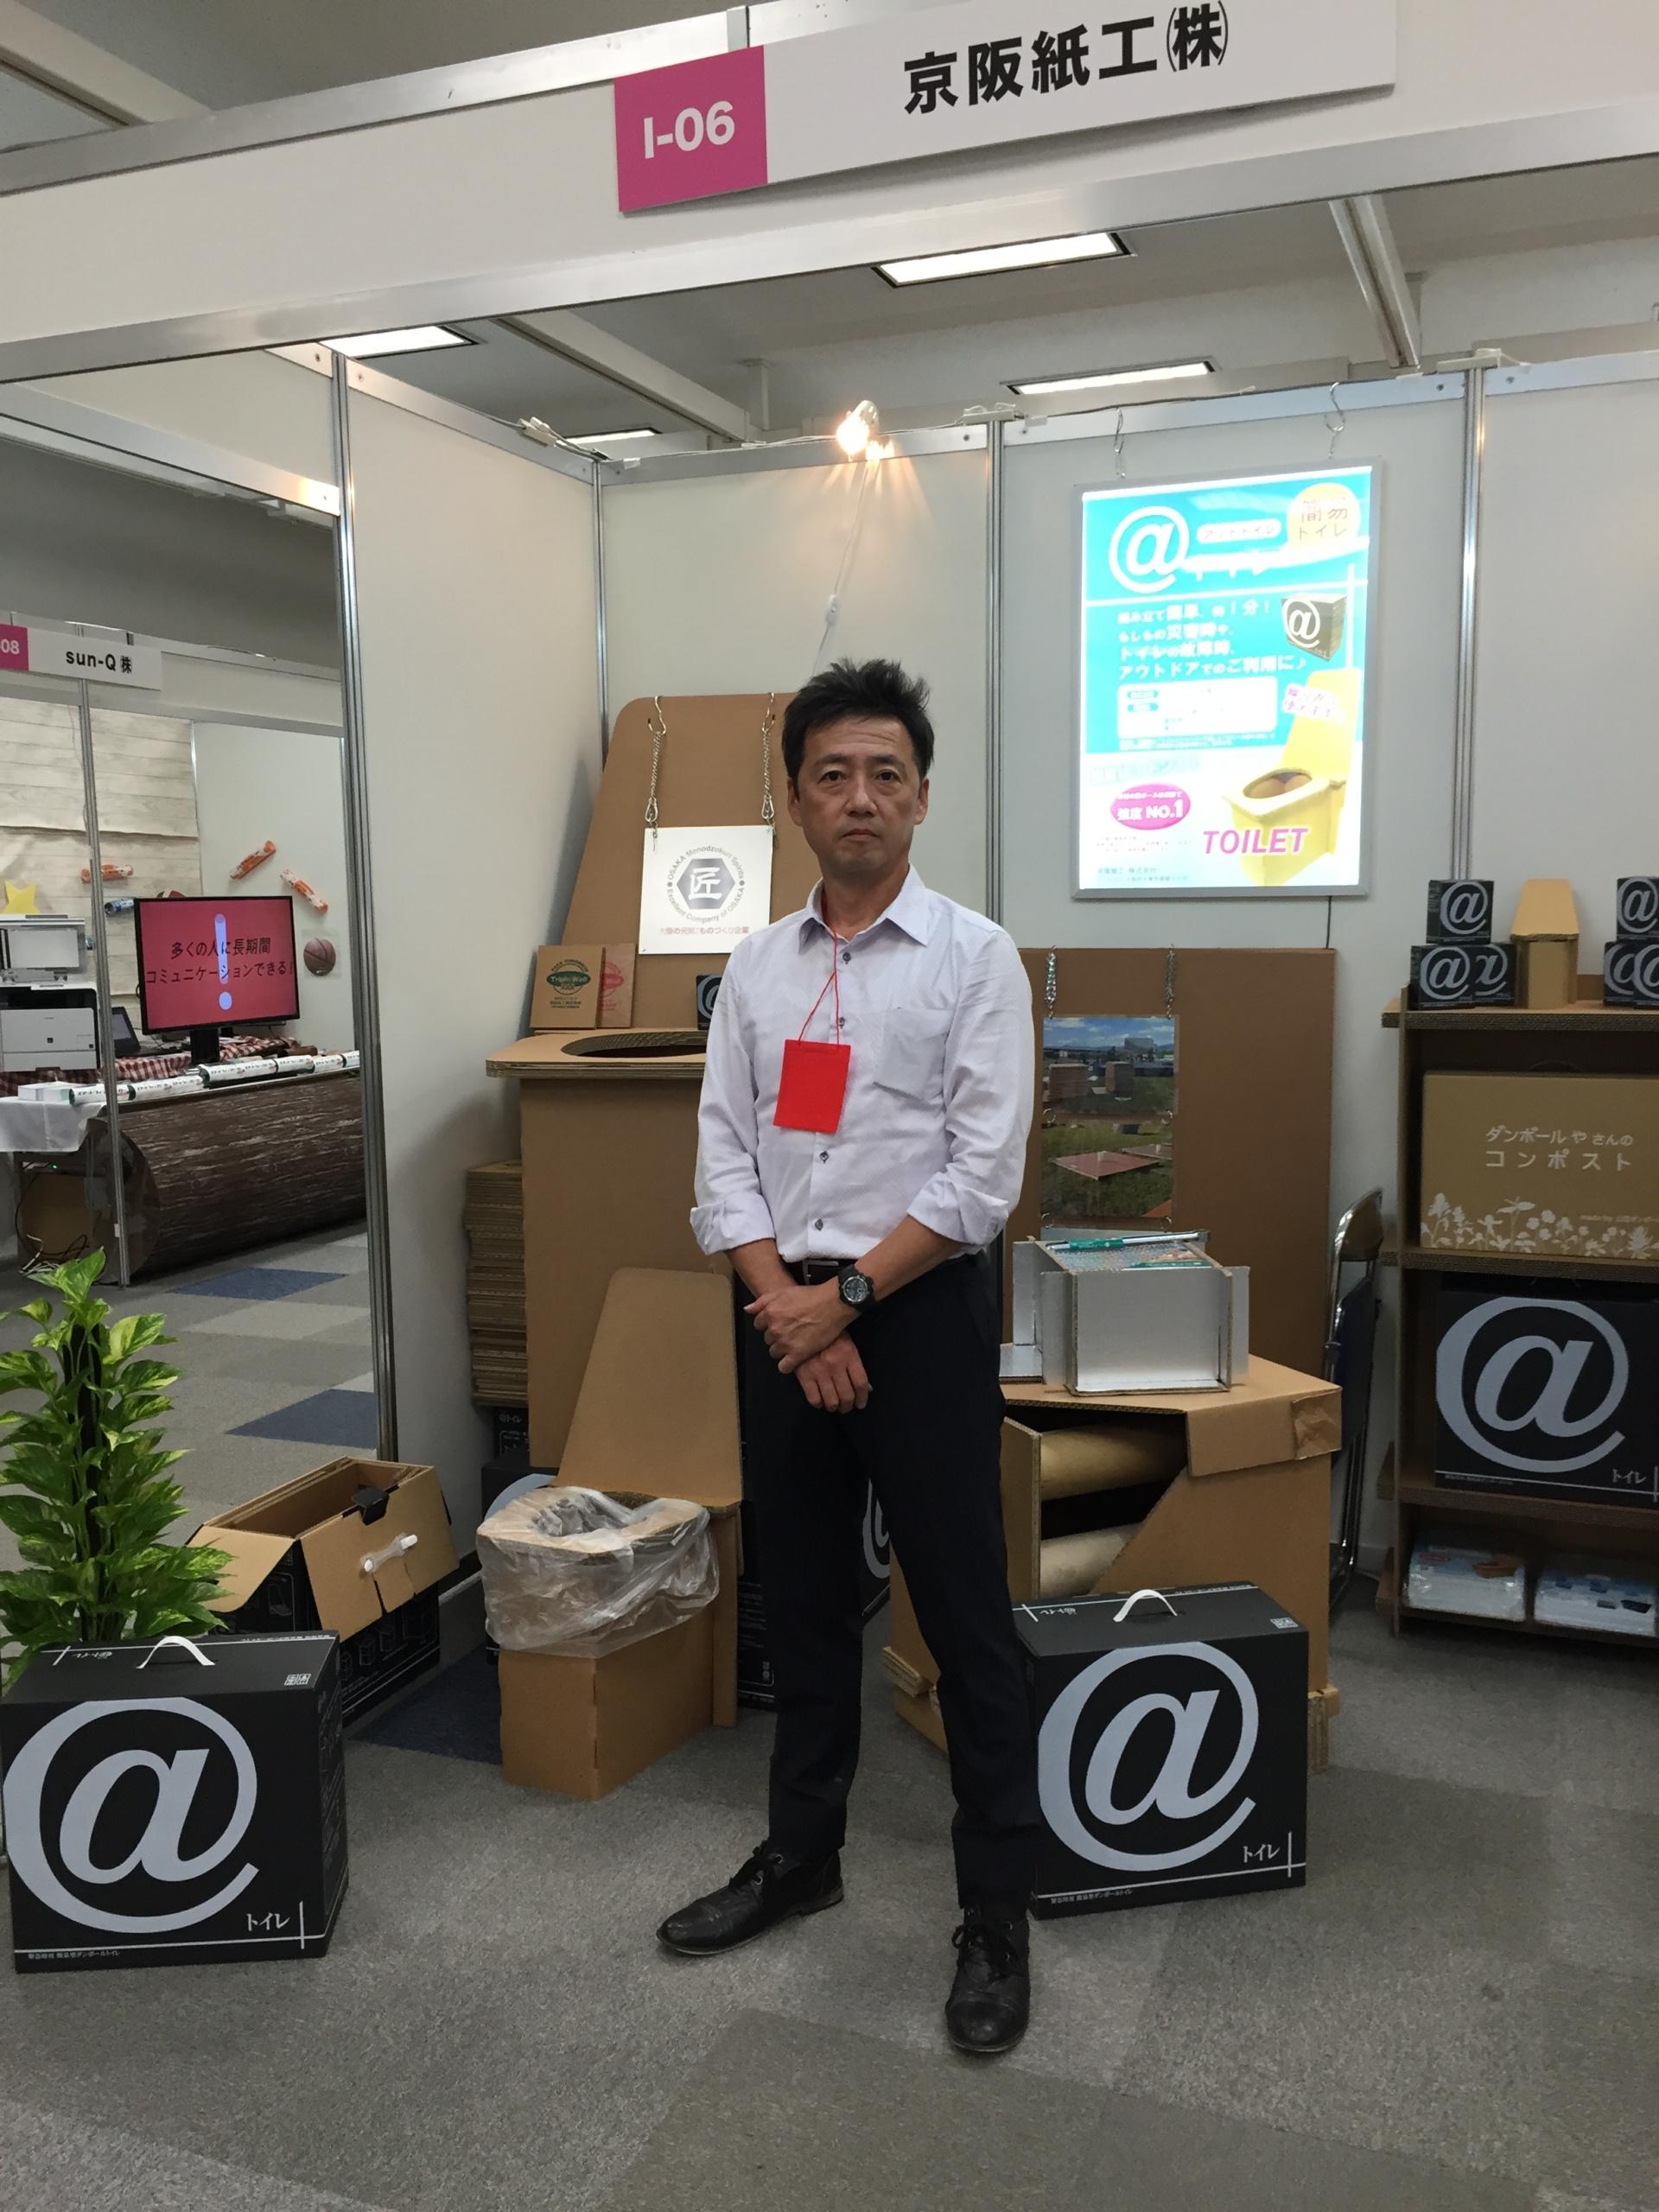 京阪紙工 イベント出展の写真